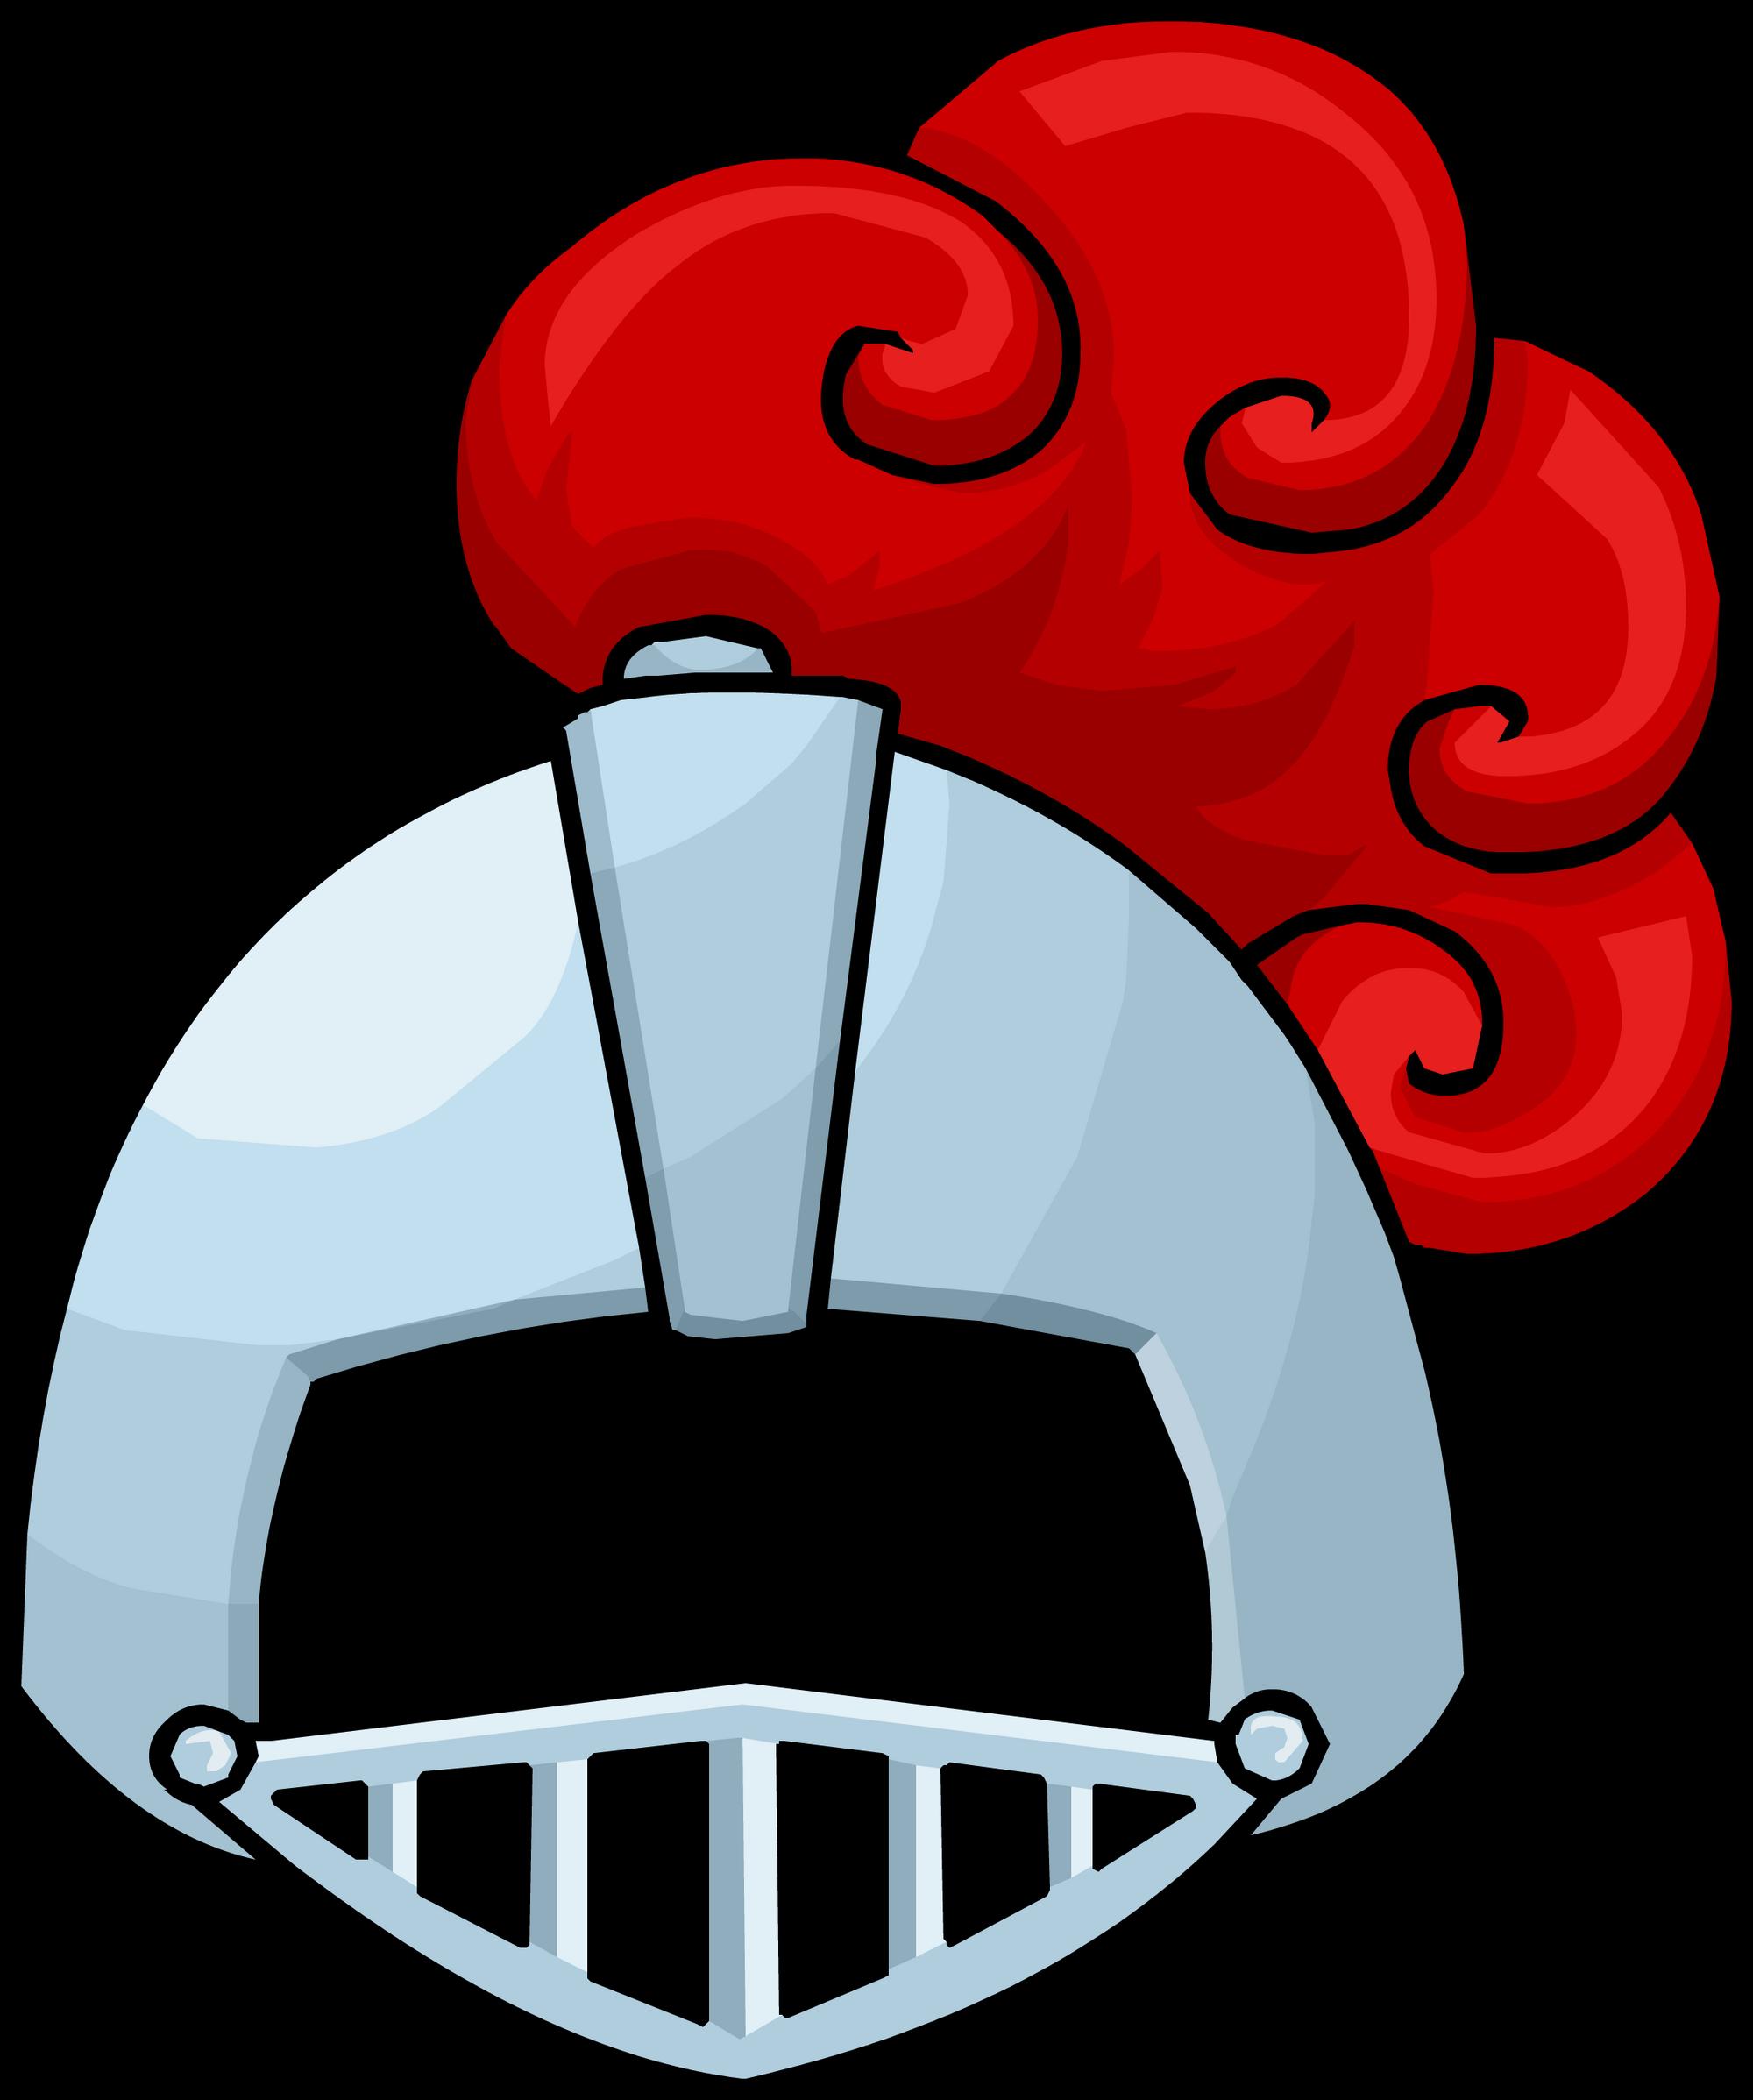 80e74f0ee81 Knight Helmet